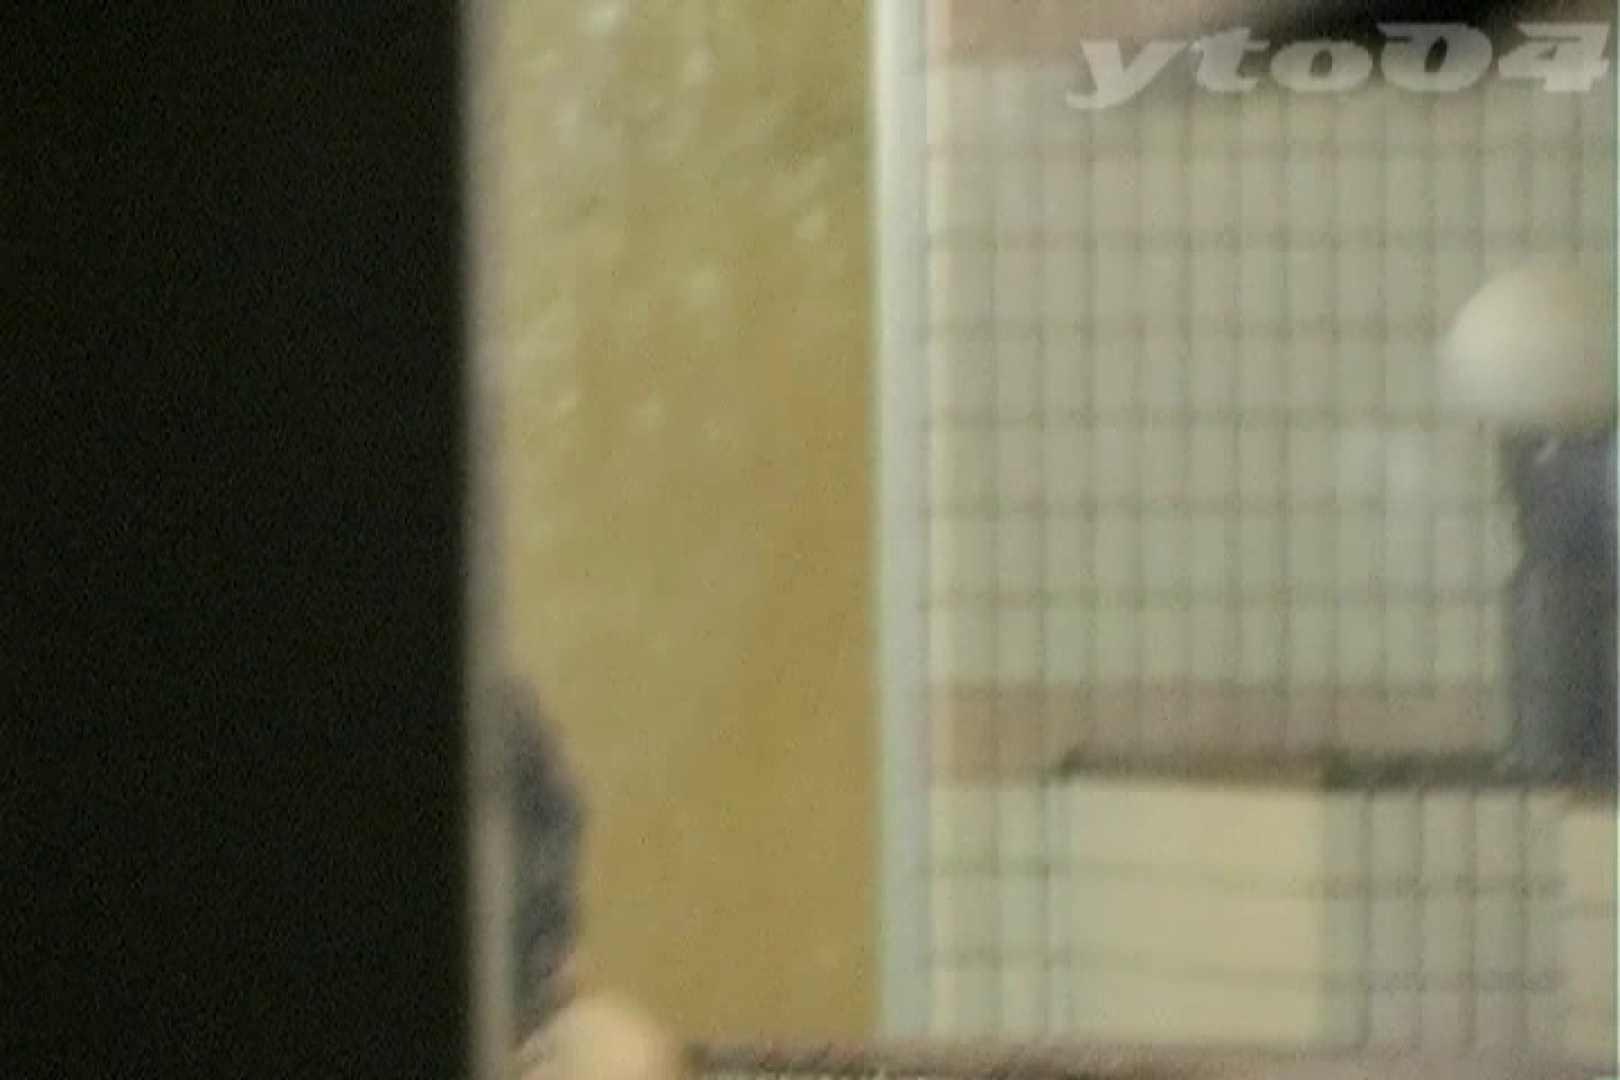 ▲復活限定▲合宿ホテル女風呂盗撮 Vol.24 女体盗撮 のぞきエロ無料画像 75連発 21